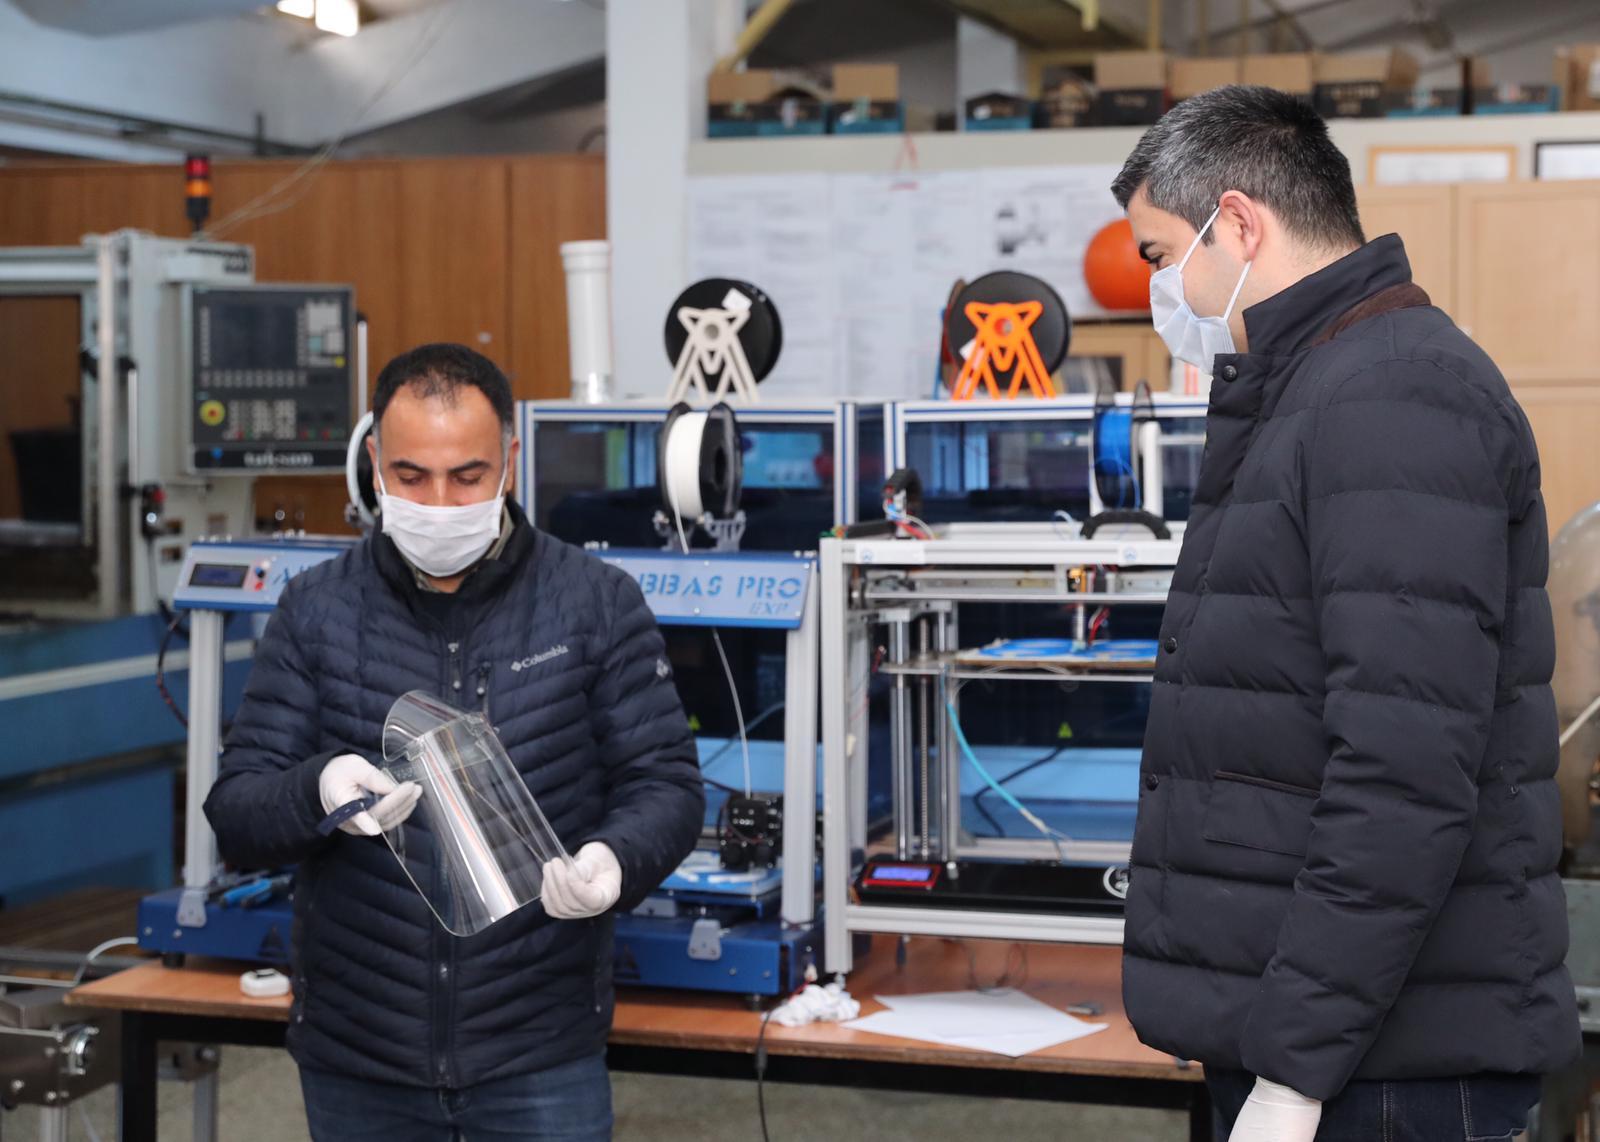 Kartal'da 3D Yazıcı, Lazer Tezgâh ve Tıbbi Yüz Maskesi